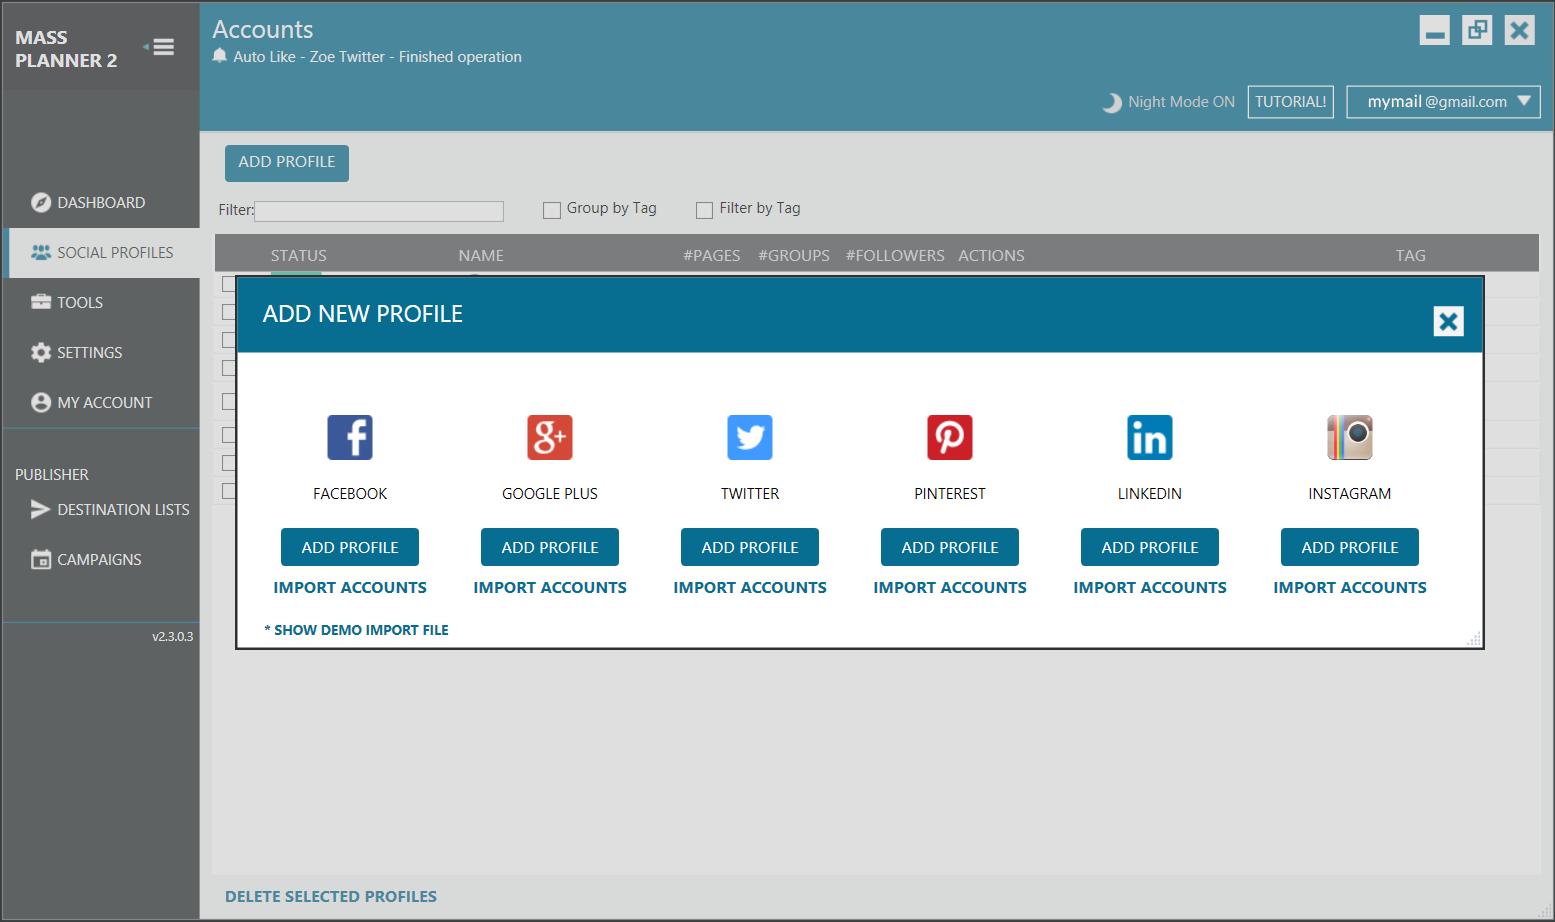 Mass Planner относительно недорогой сервис, позволяющий распланировать размещение постов в Инстаграм